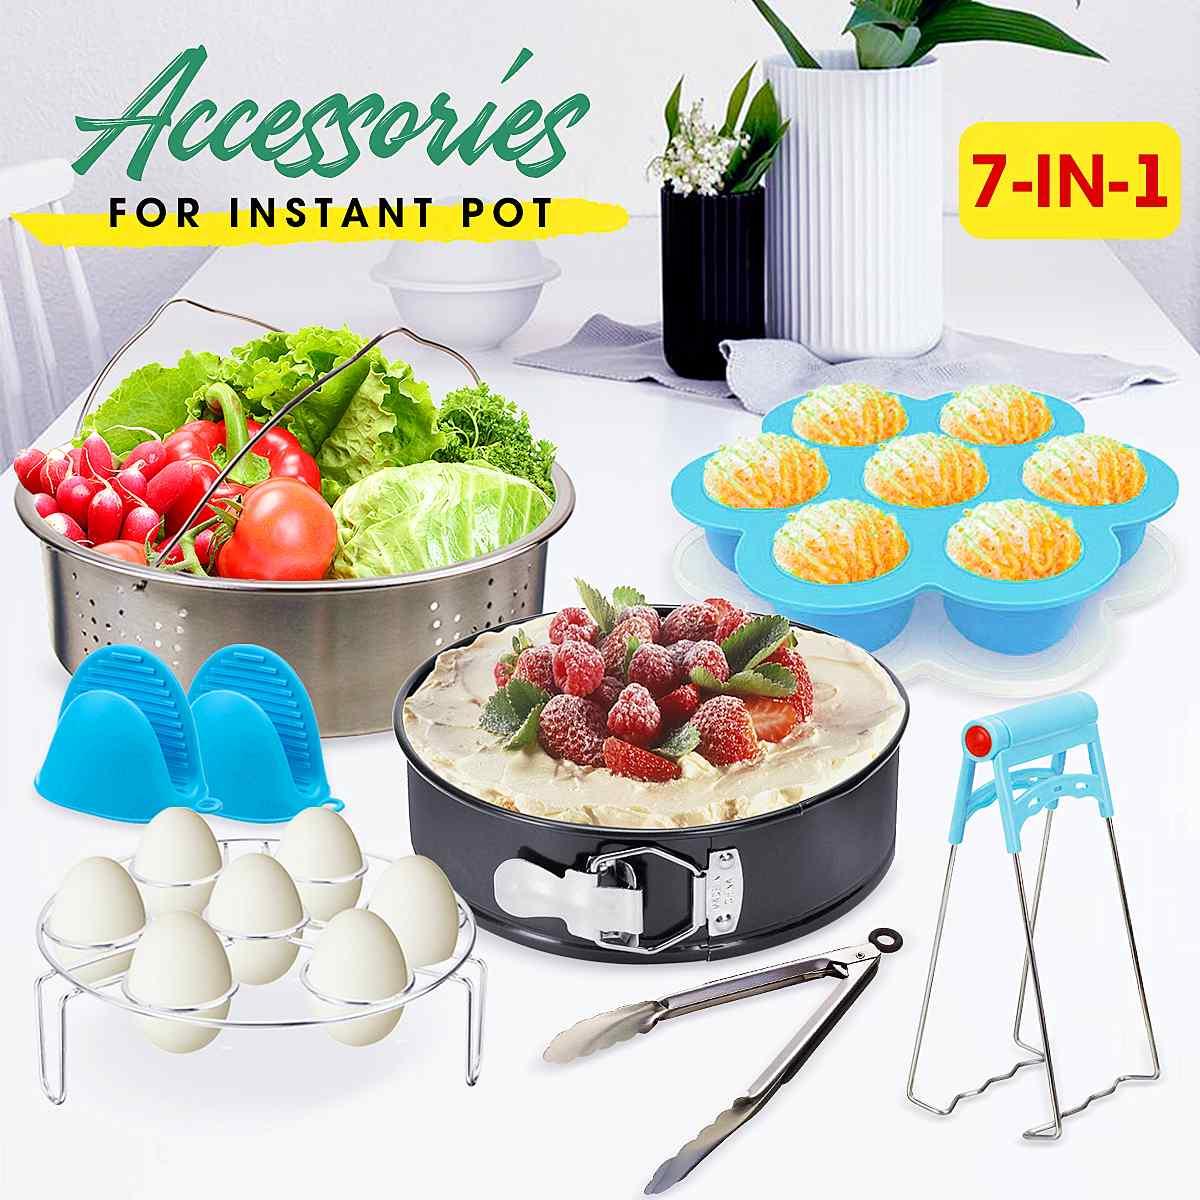 7 pièces accessoires de Pot instantané autocuiseur accessoires panier vapeur en acier inoxydable ustensiles de cuisine cuisine outils de cuisson